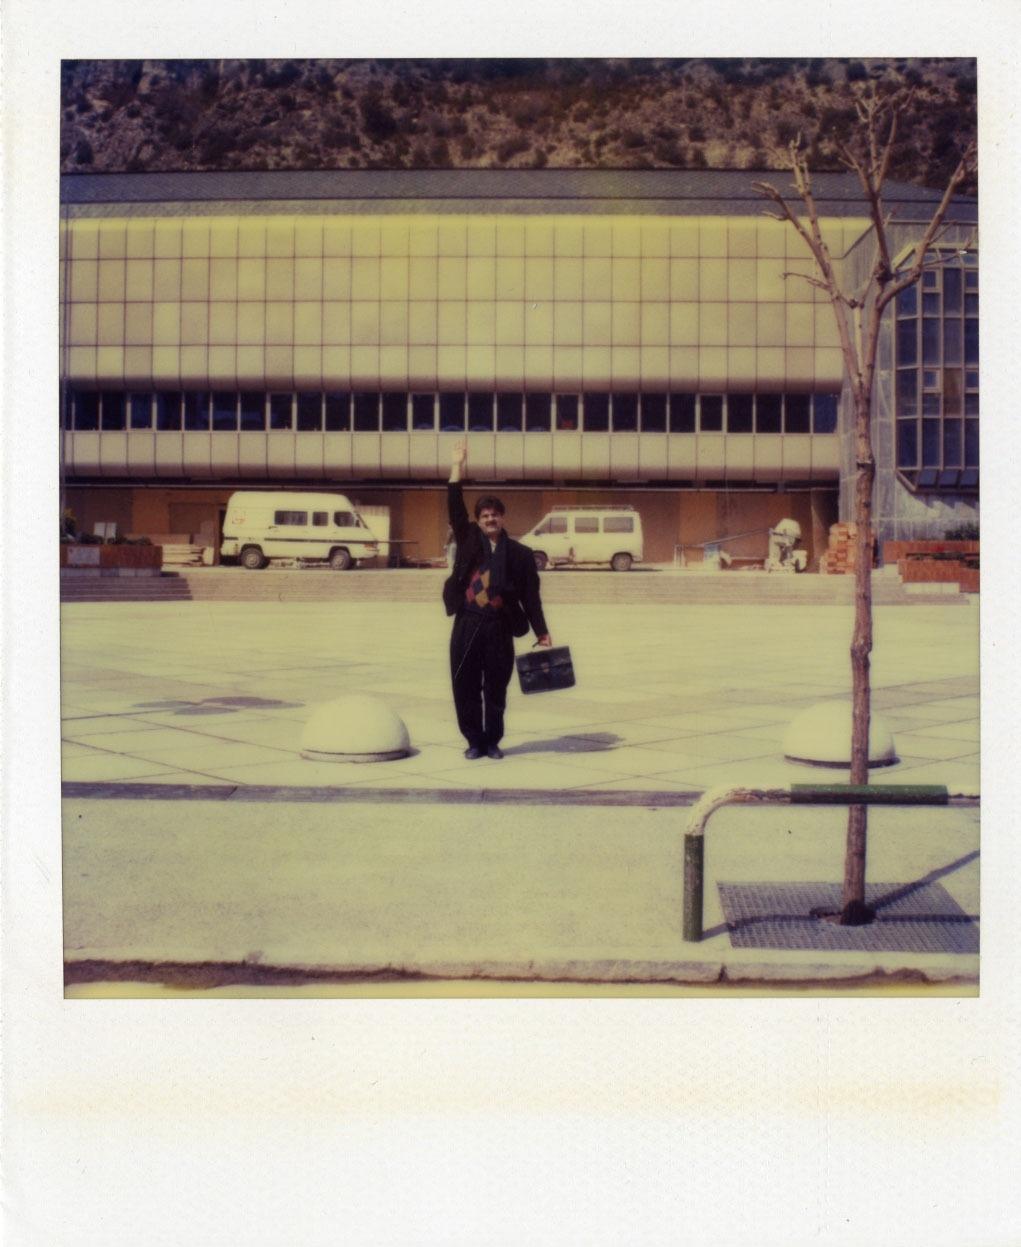 Amèrica Sánchez, el juny del 1992 a la plaça de la Germandat, assenyala la ubicació exacta del logotip, a la façana d'un Centre Cultural encara per acabar. Es va inaugurar al setembre d'aquell any.